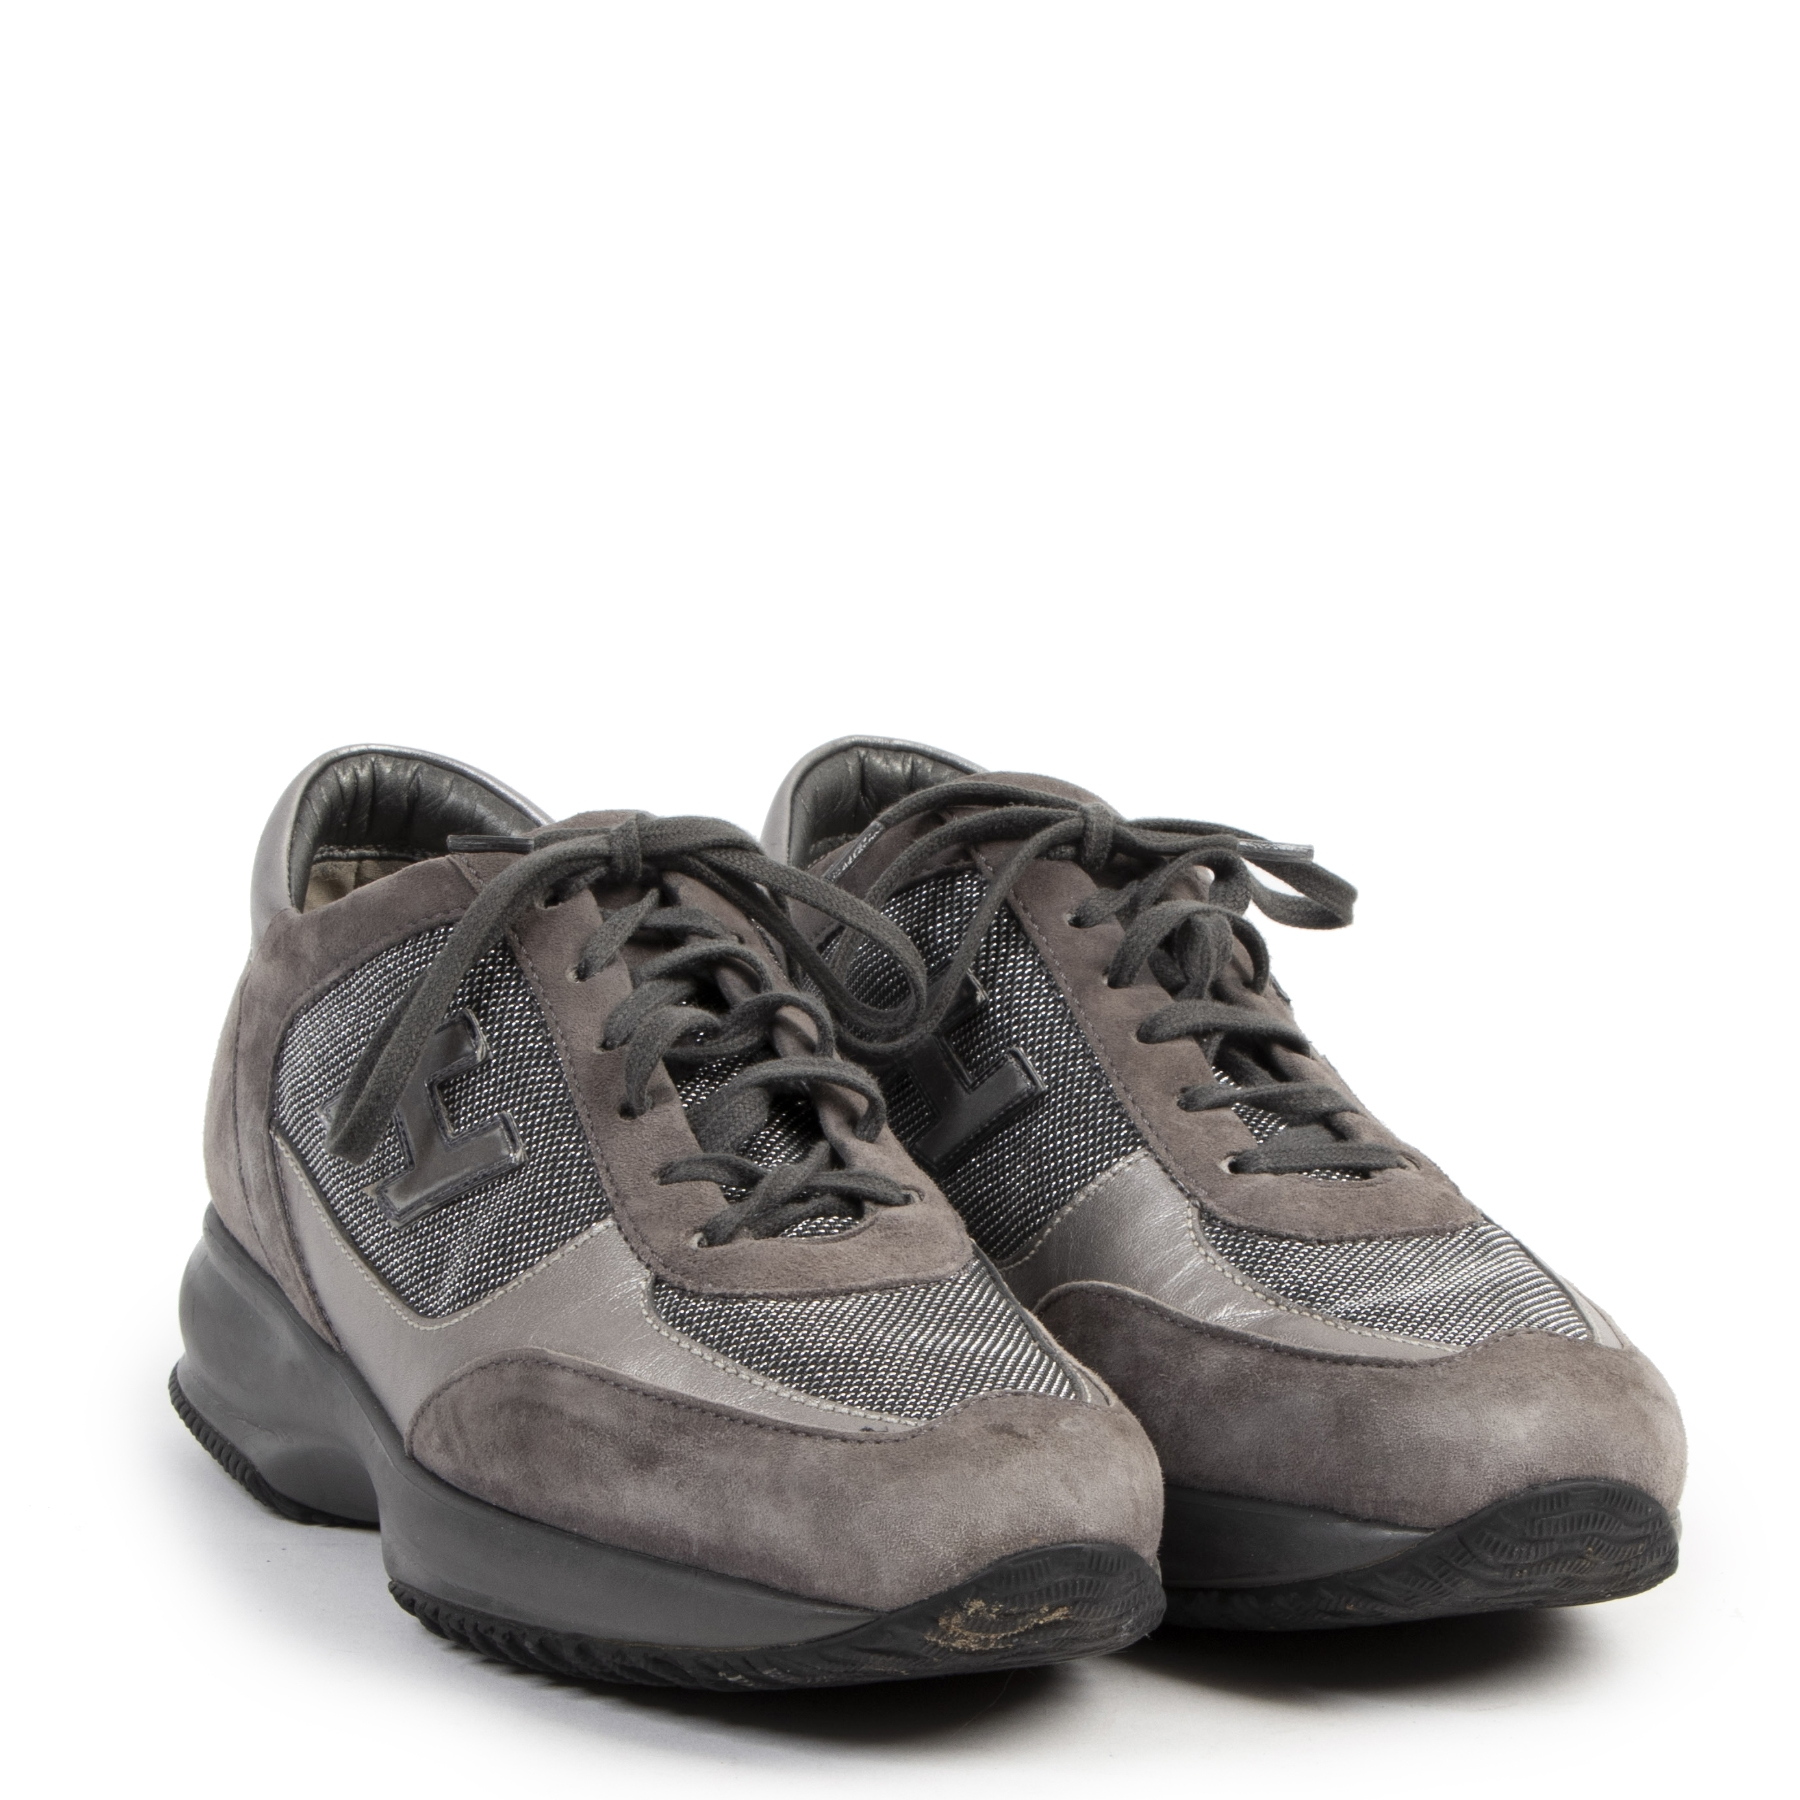 Authentique seconde-main vintage Hogan Grey Suede Interactive Platform Sneaker - Size 39,5  achète en ligne webshop LabelLOV